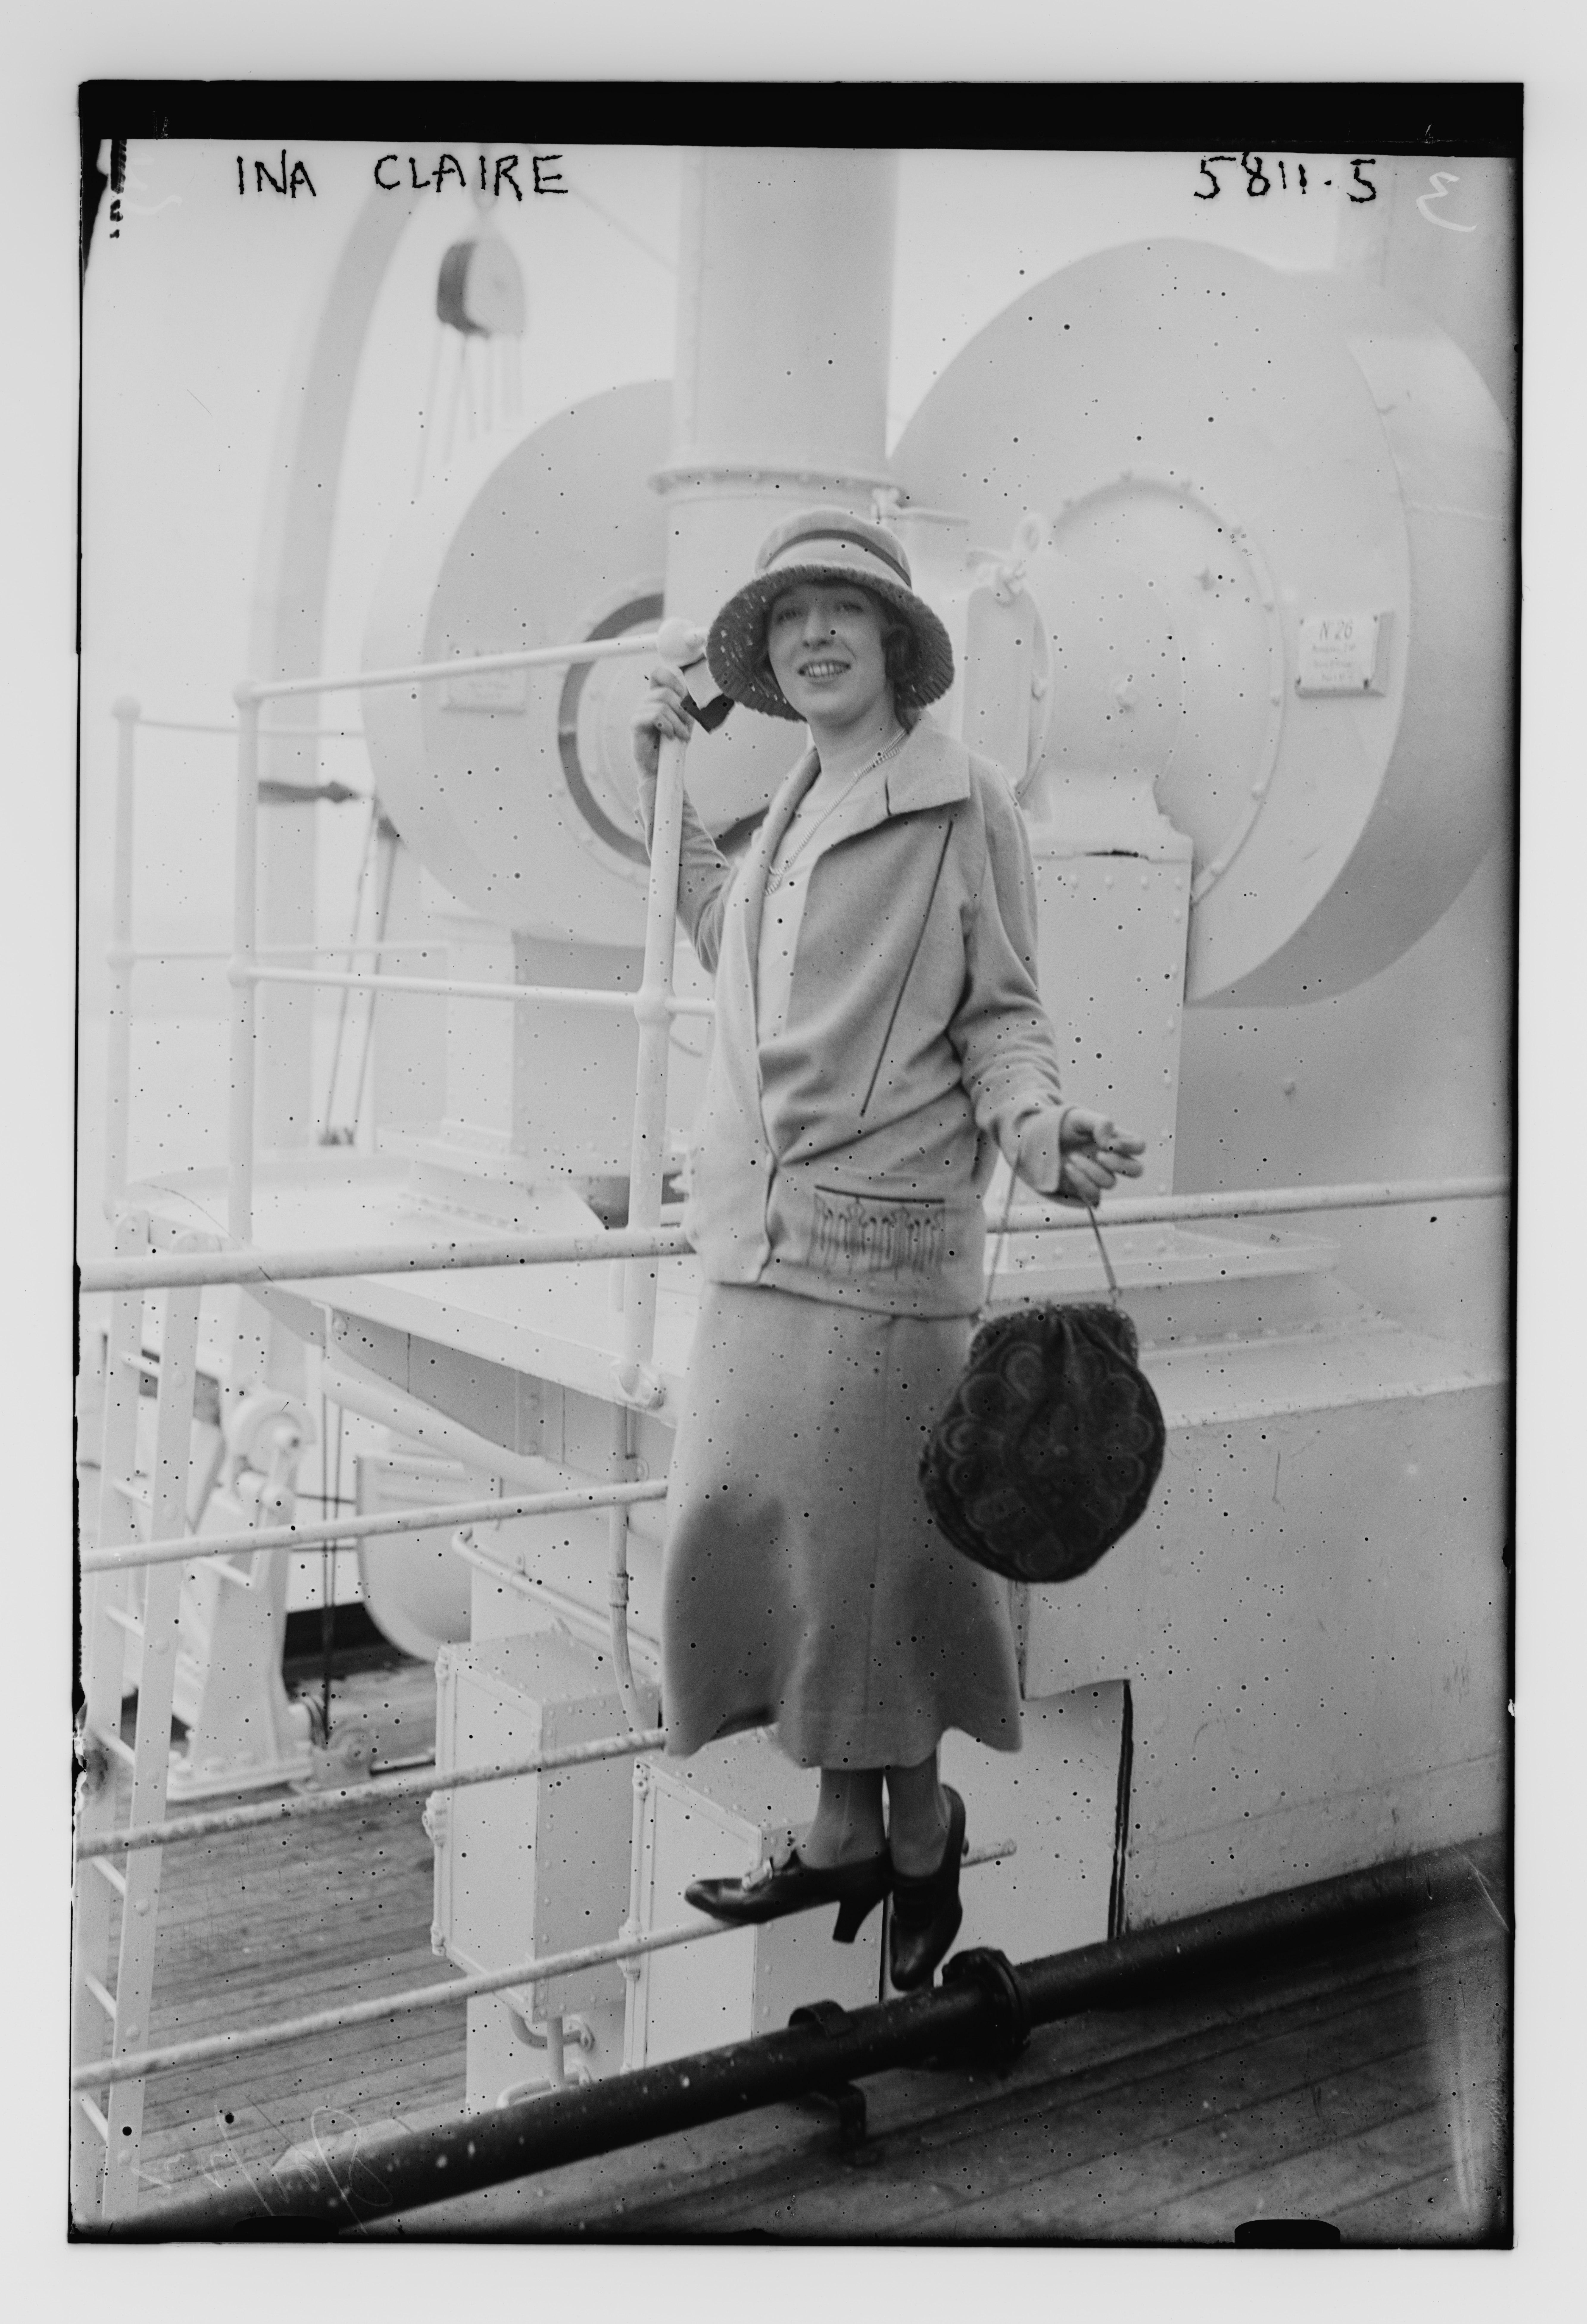 Lana Zakocela LVA,Nela Alvarez (b. 1918) Porno photos Yoko Moriguchi,Deborah Carthy-Deu